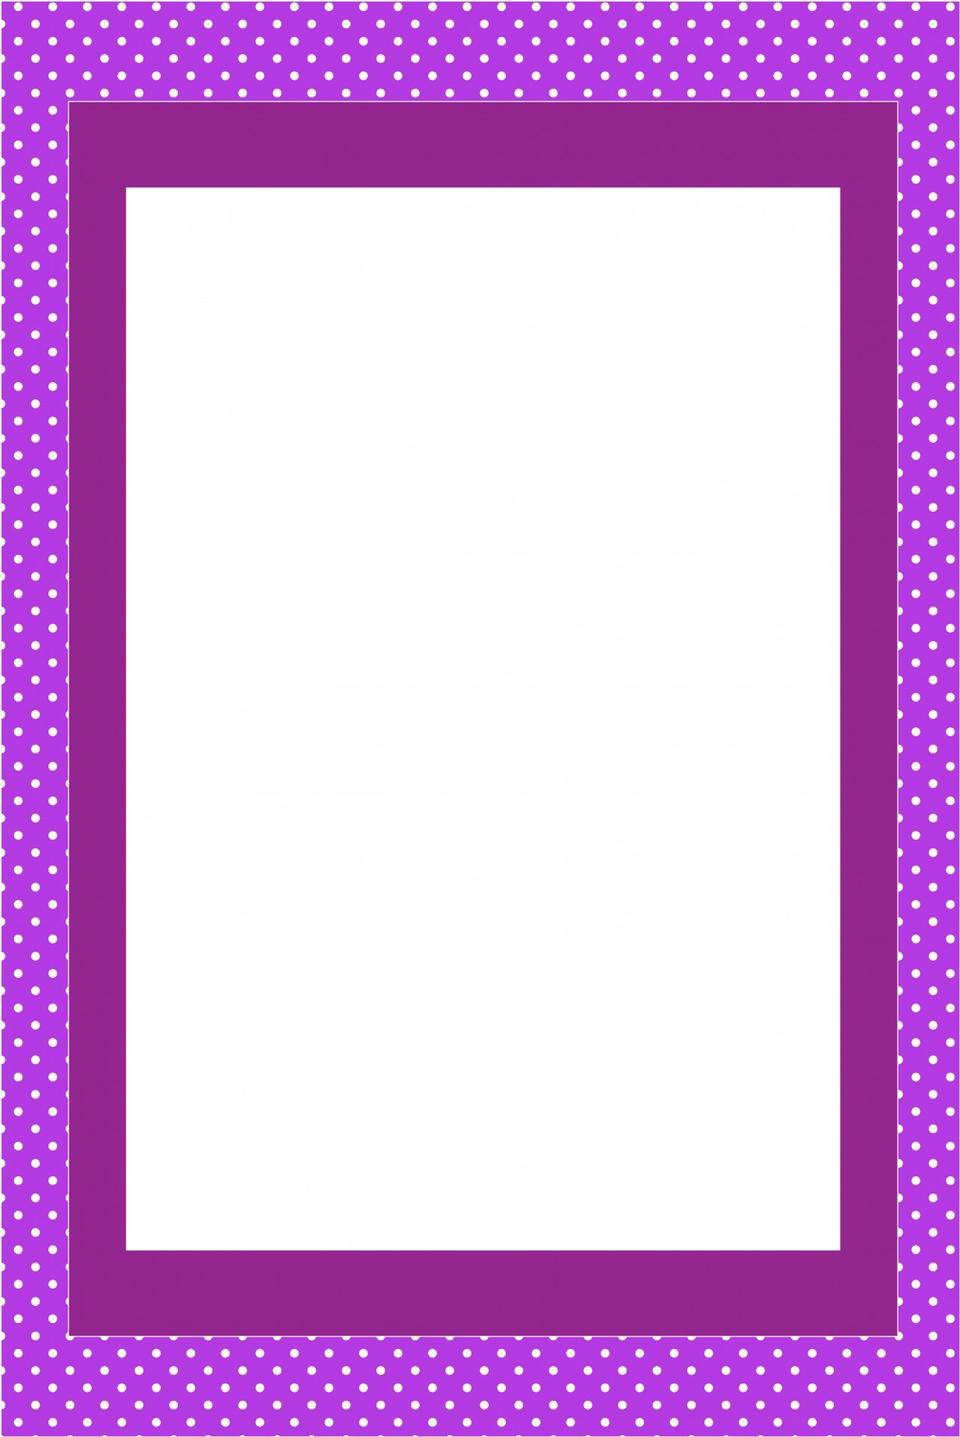 パープル招待カードフレーム